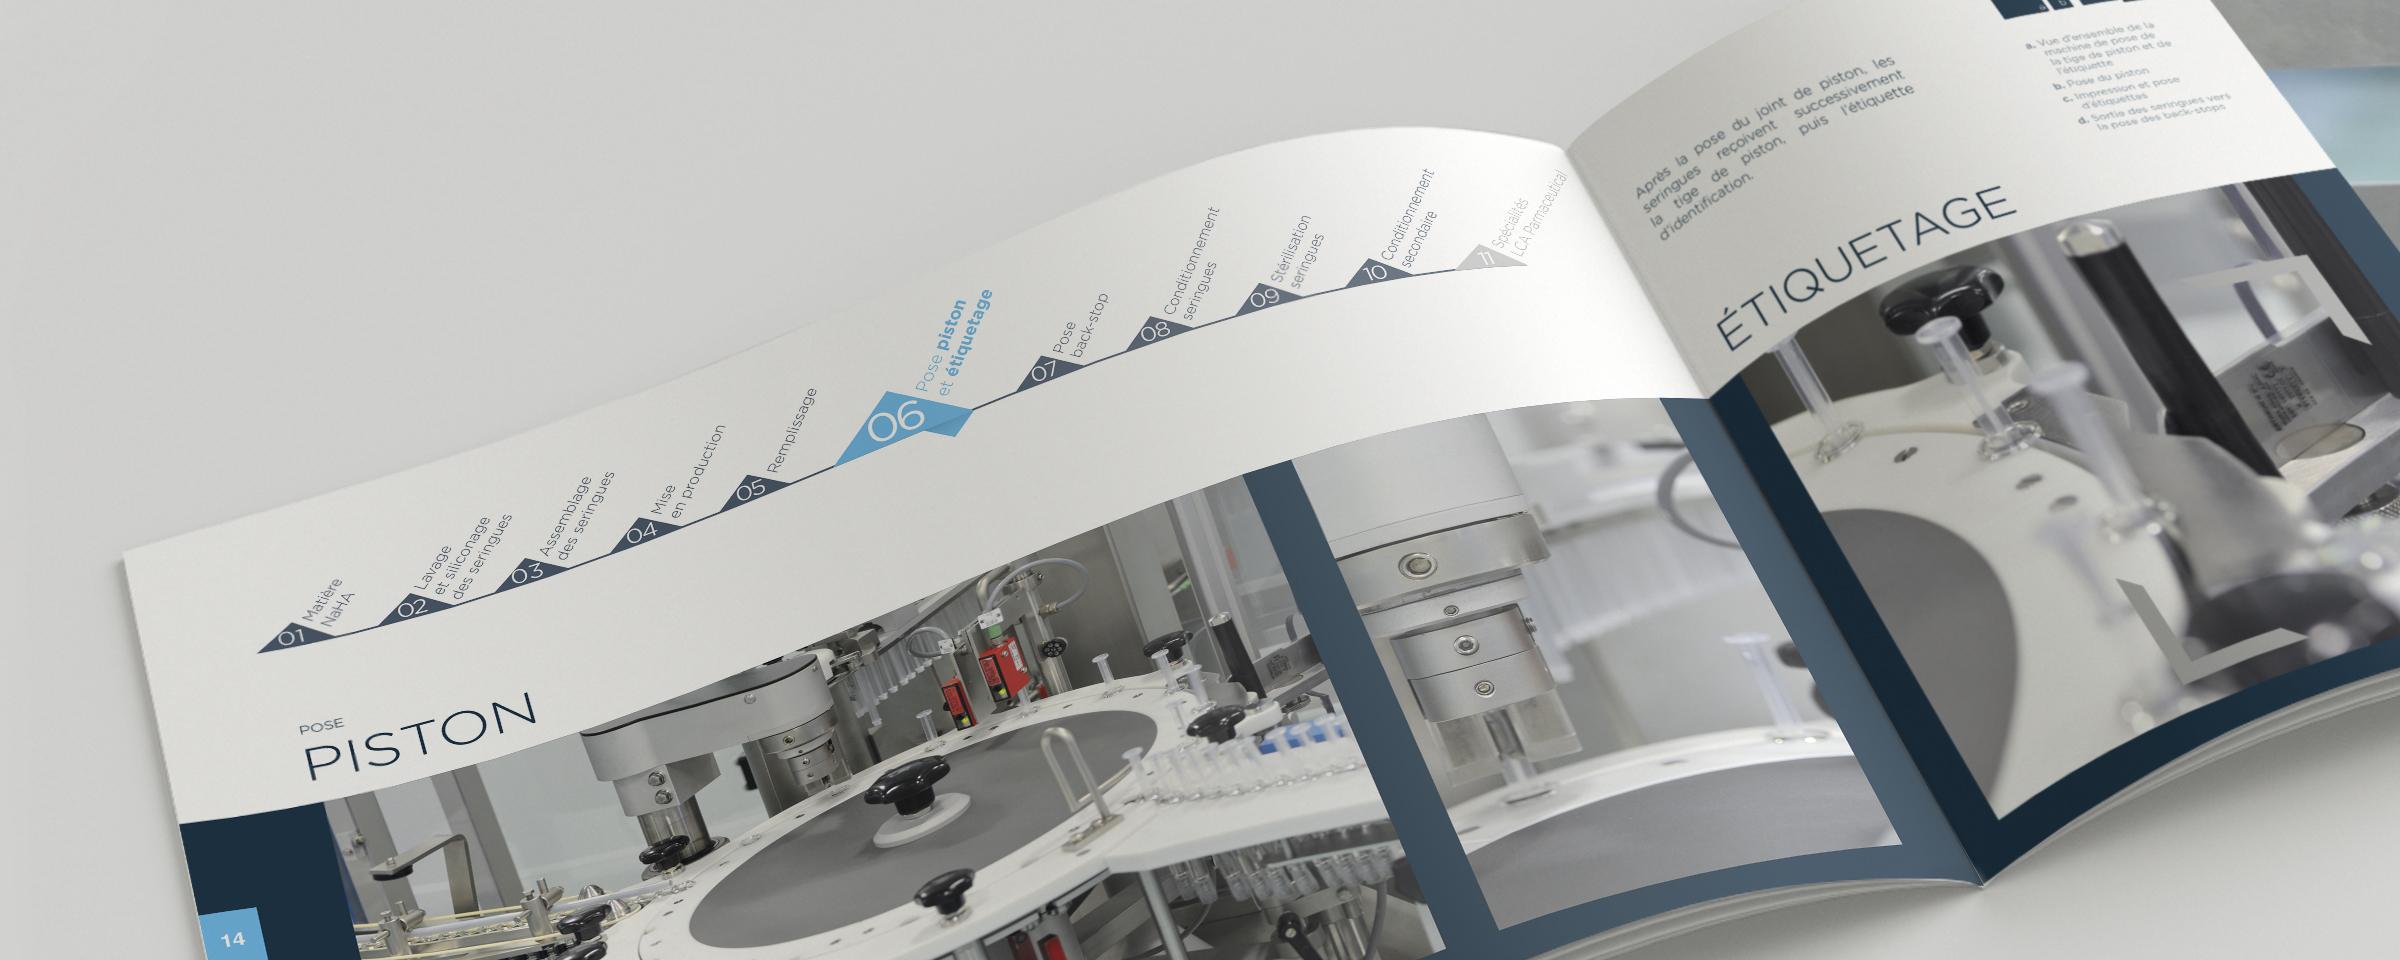 Reportage photo, conception et impression d'une brochure pour un laboratoire pharmaceutique